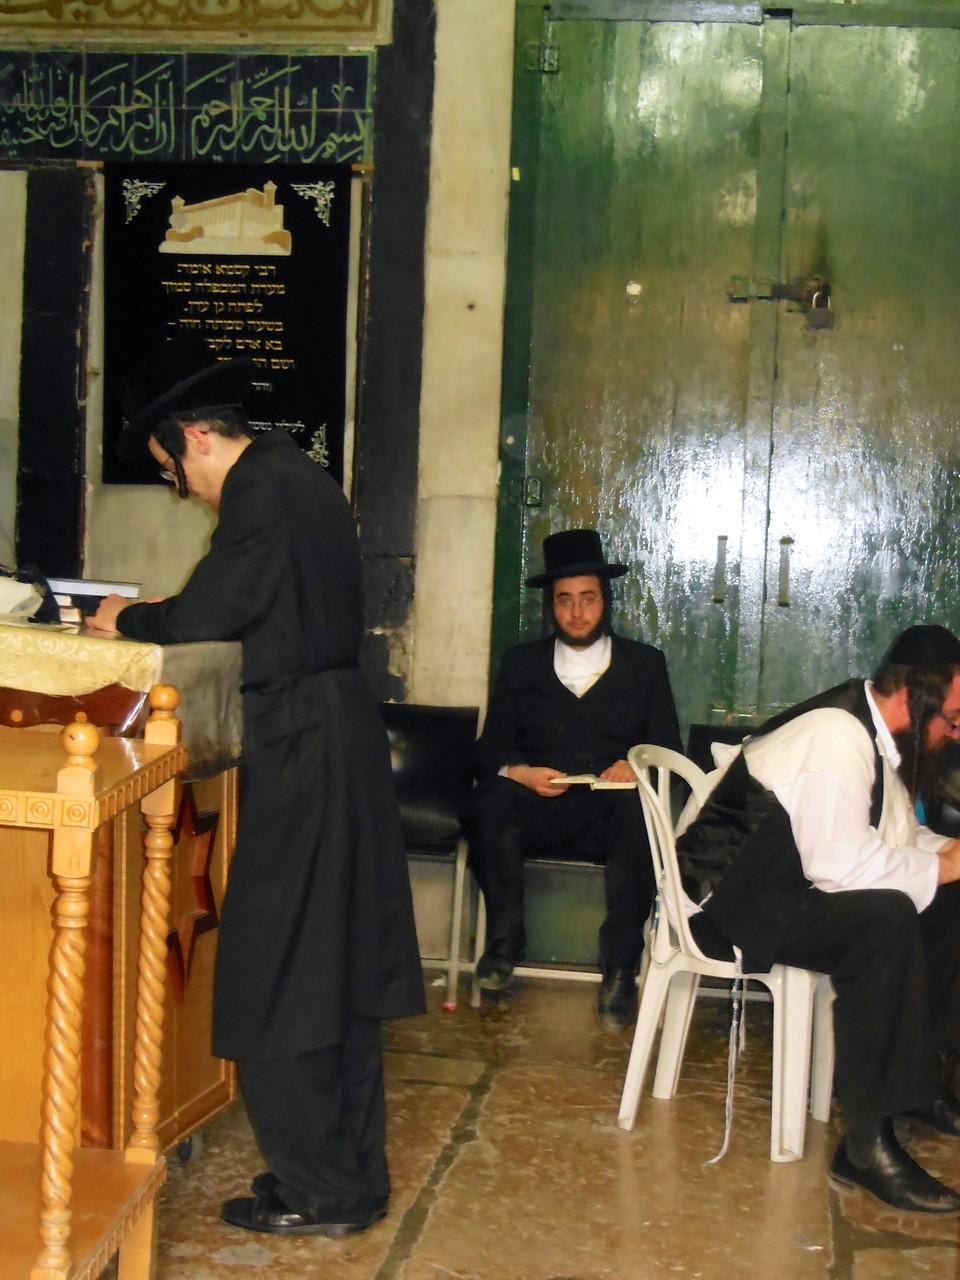 ユダヤ教徒の教会